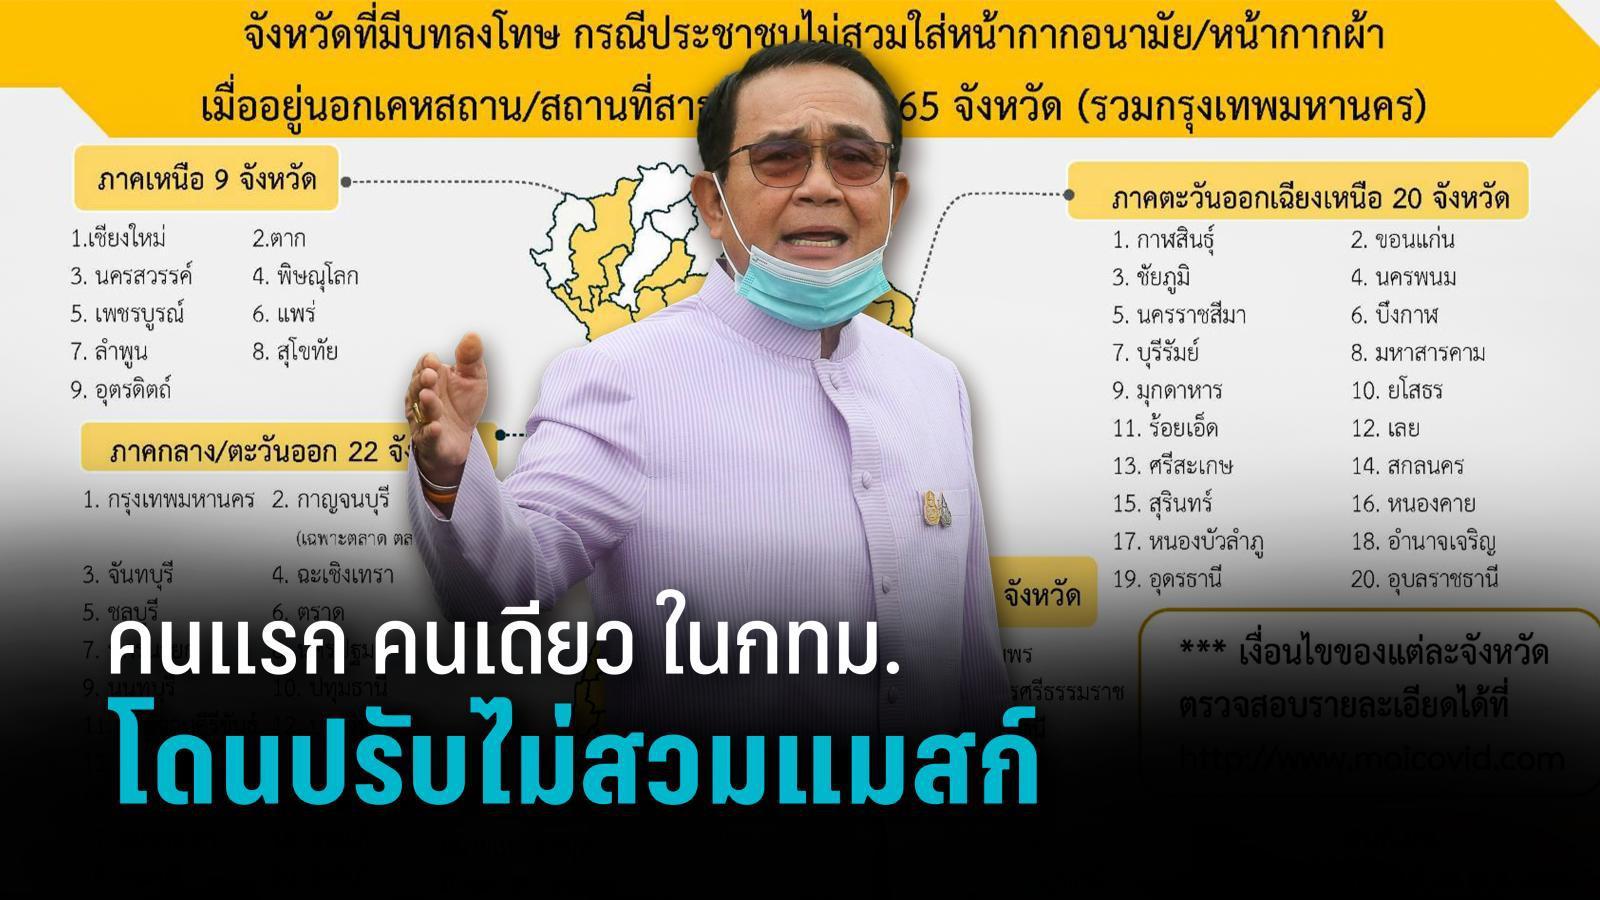 """ศาล - ตำรวจ เผยสถิติ จับปรับทั่วไทยไม่สวมหน้ากากอนามัย 1,000 -6,000 """"บิ๊กตู่"""" คนแรกและคนเดียว ในกทม."""